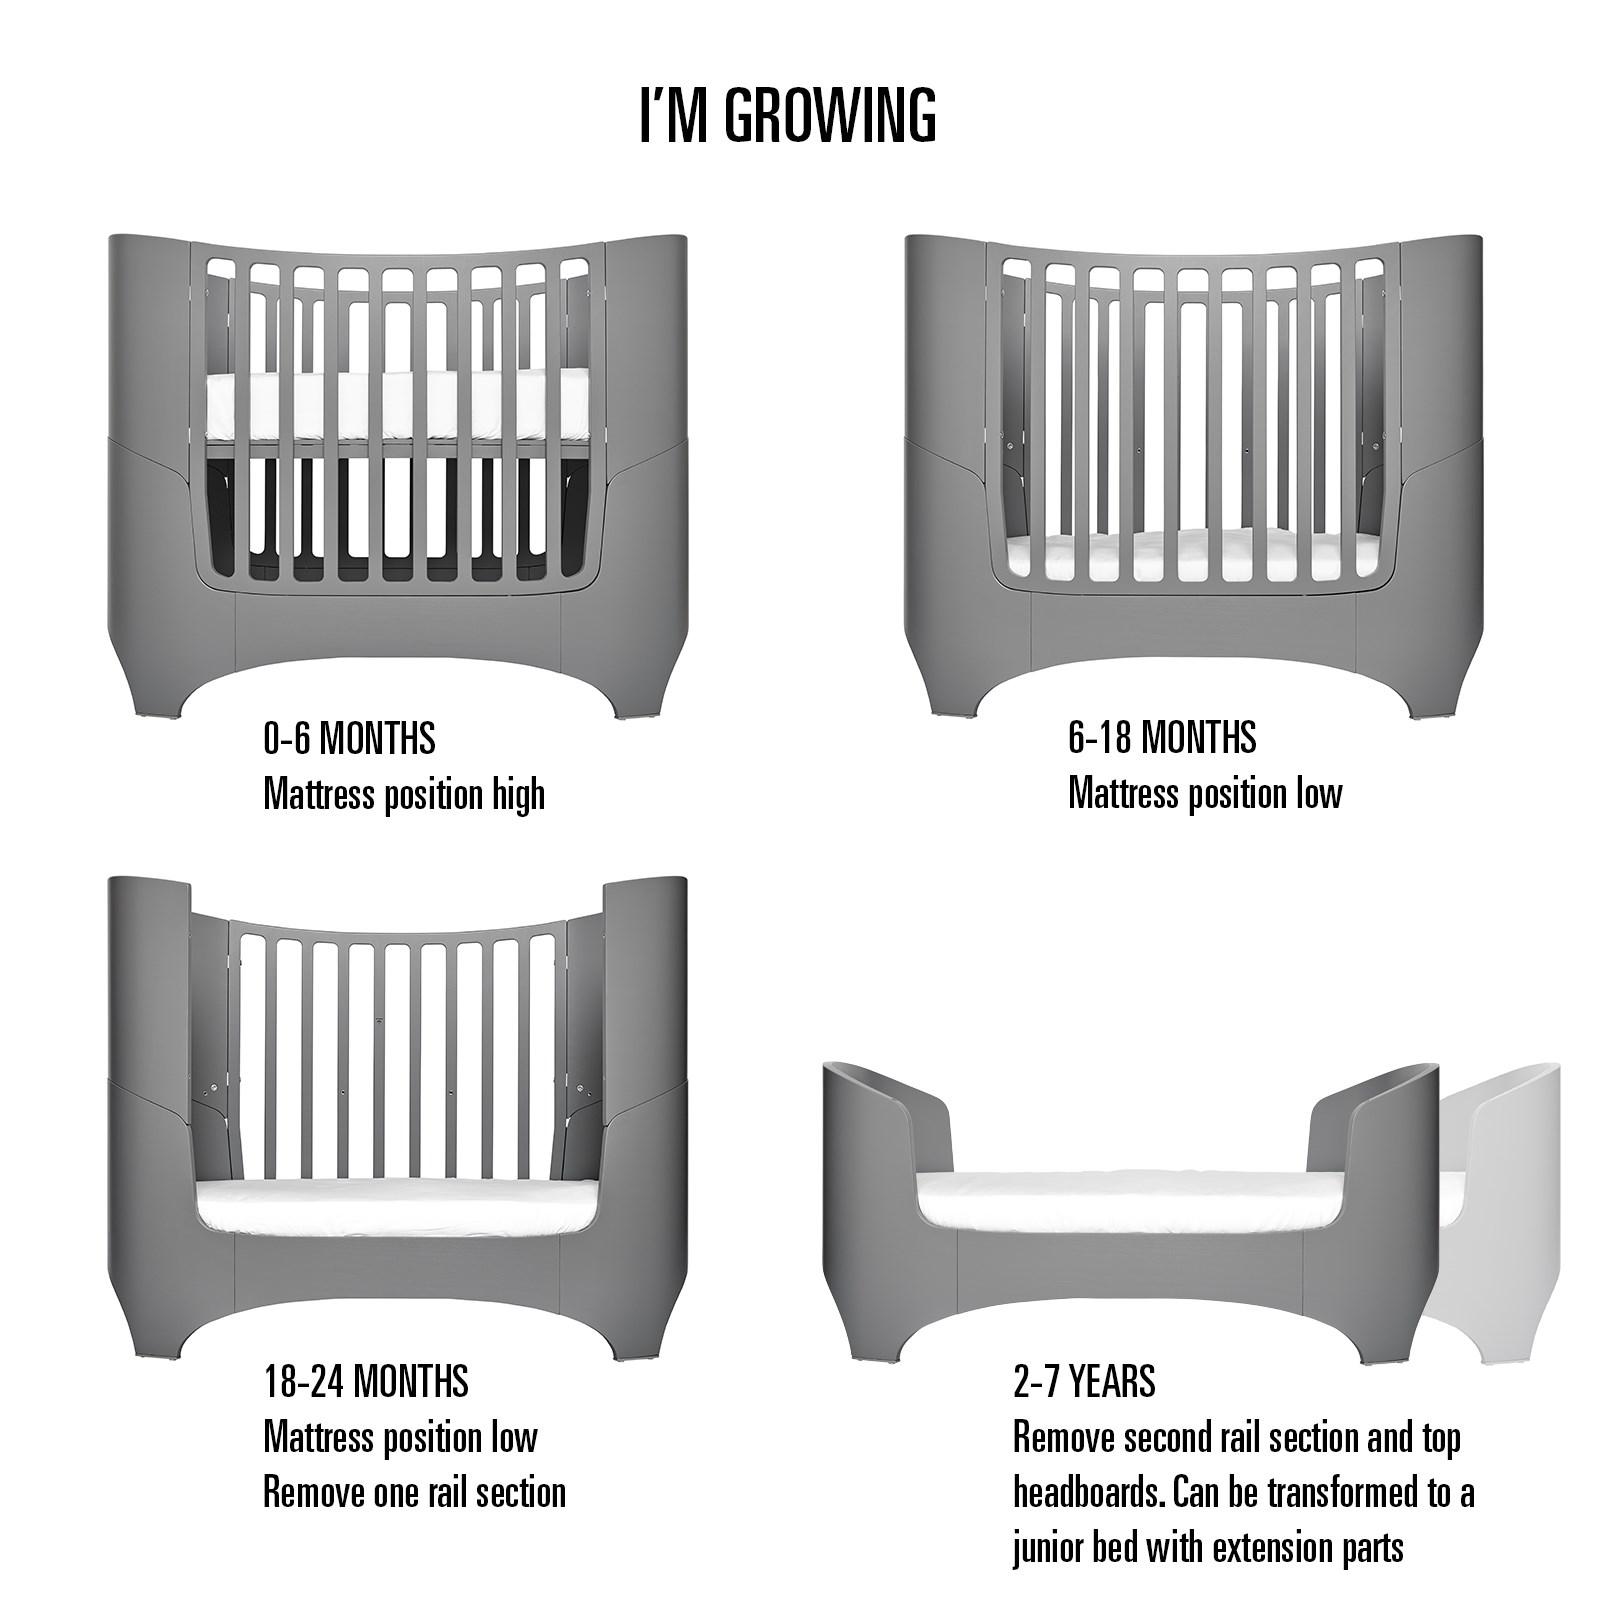 Im-growing_Leander_white_bed.jpg